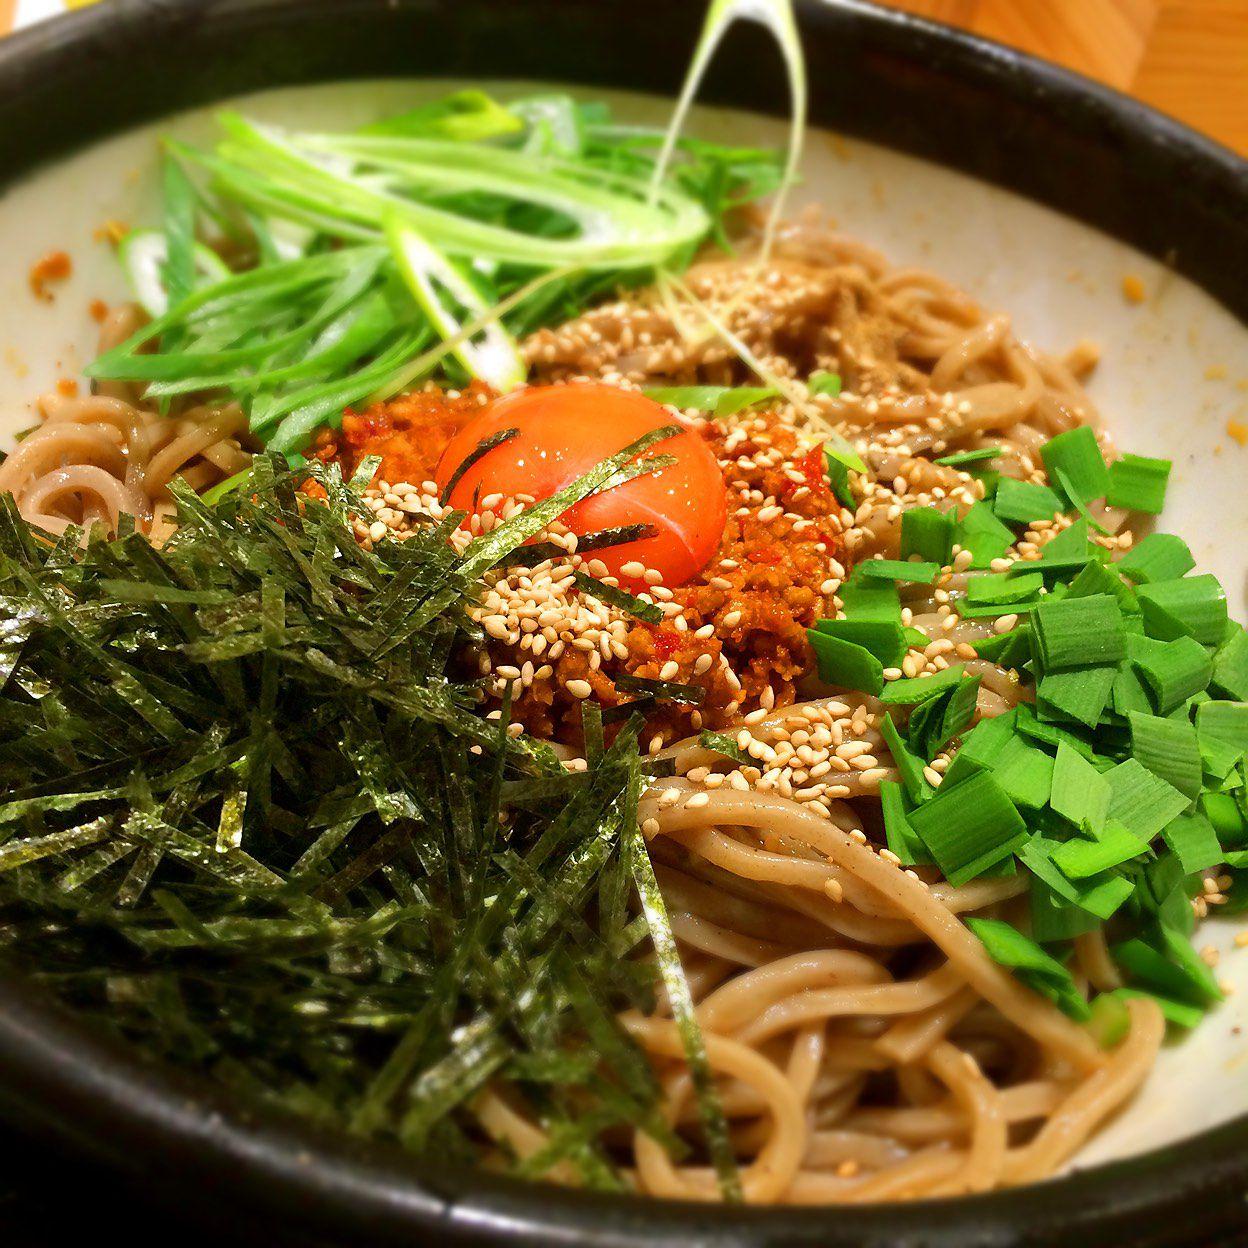 普通のそばには戻れない!究極の「肉そば」が食べられる東京都内の名店6選